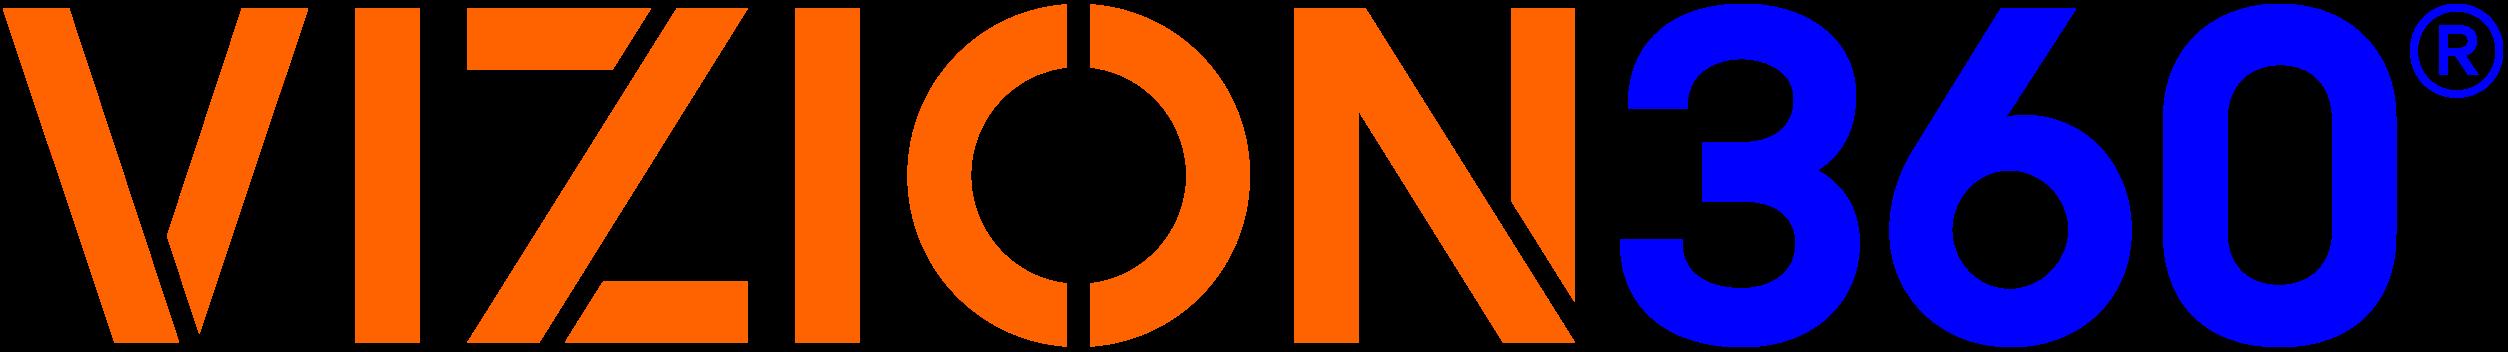 Vizion 360 Logo